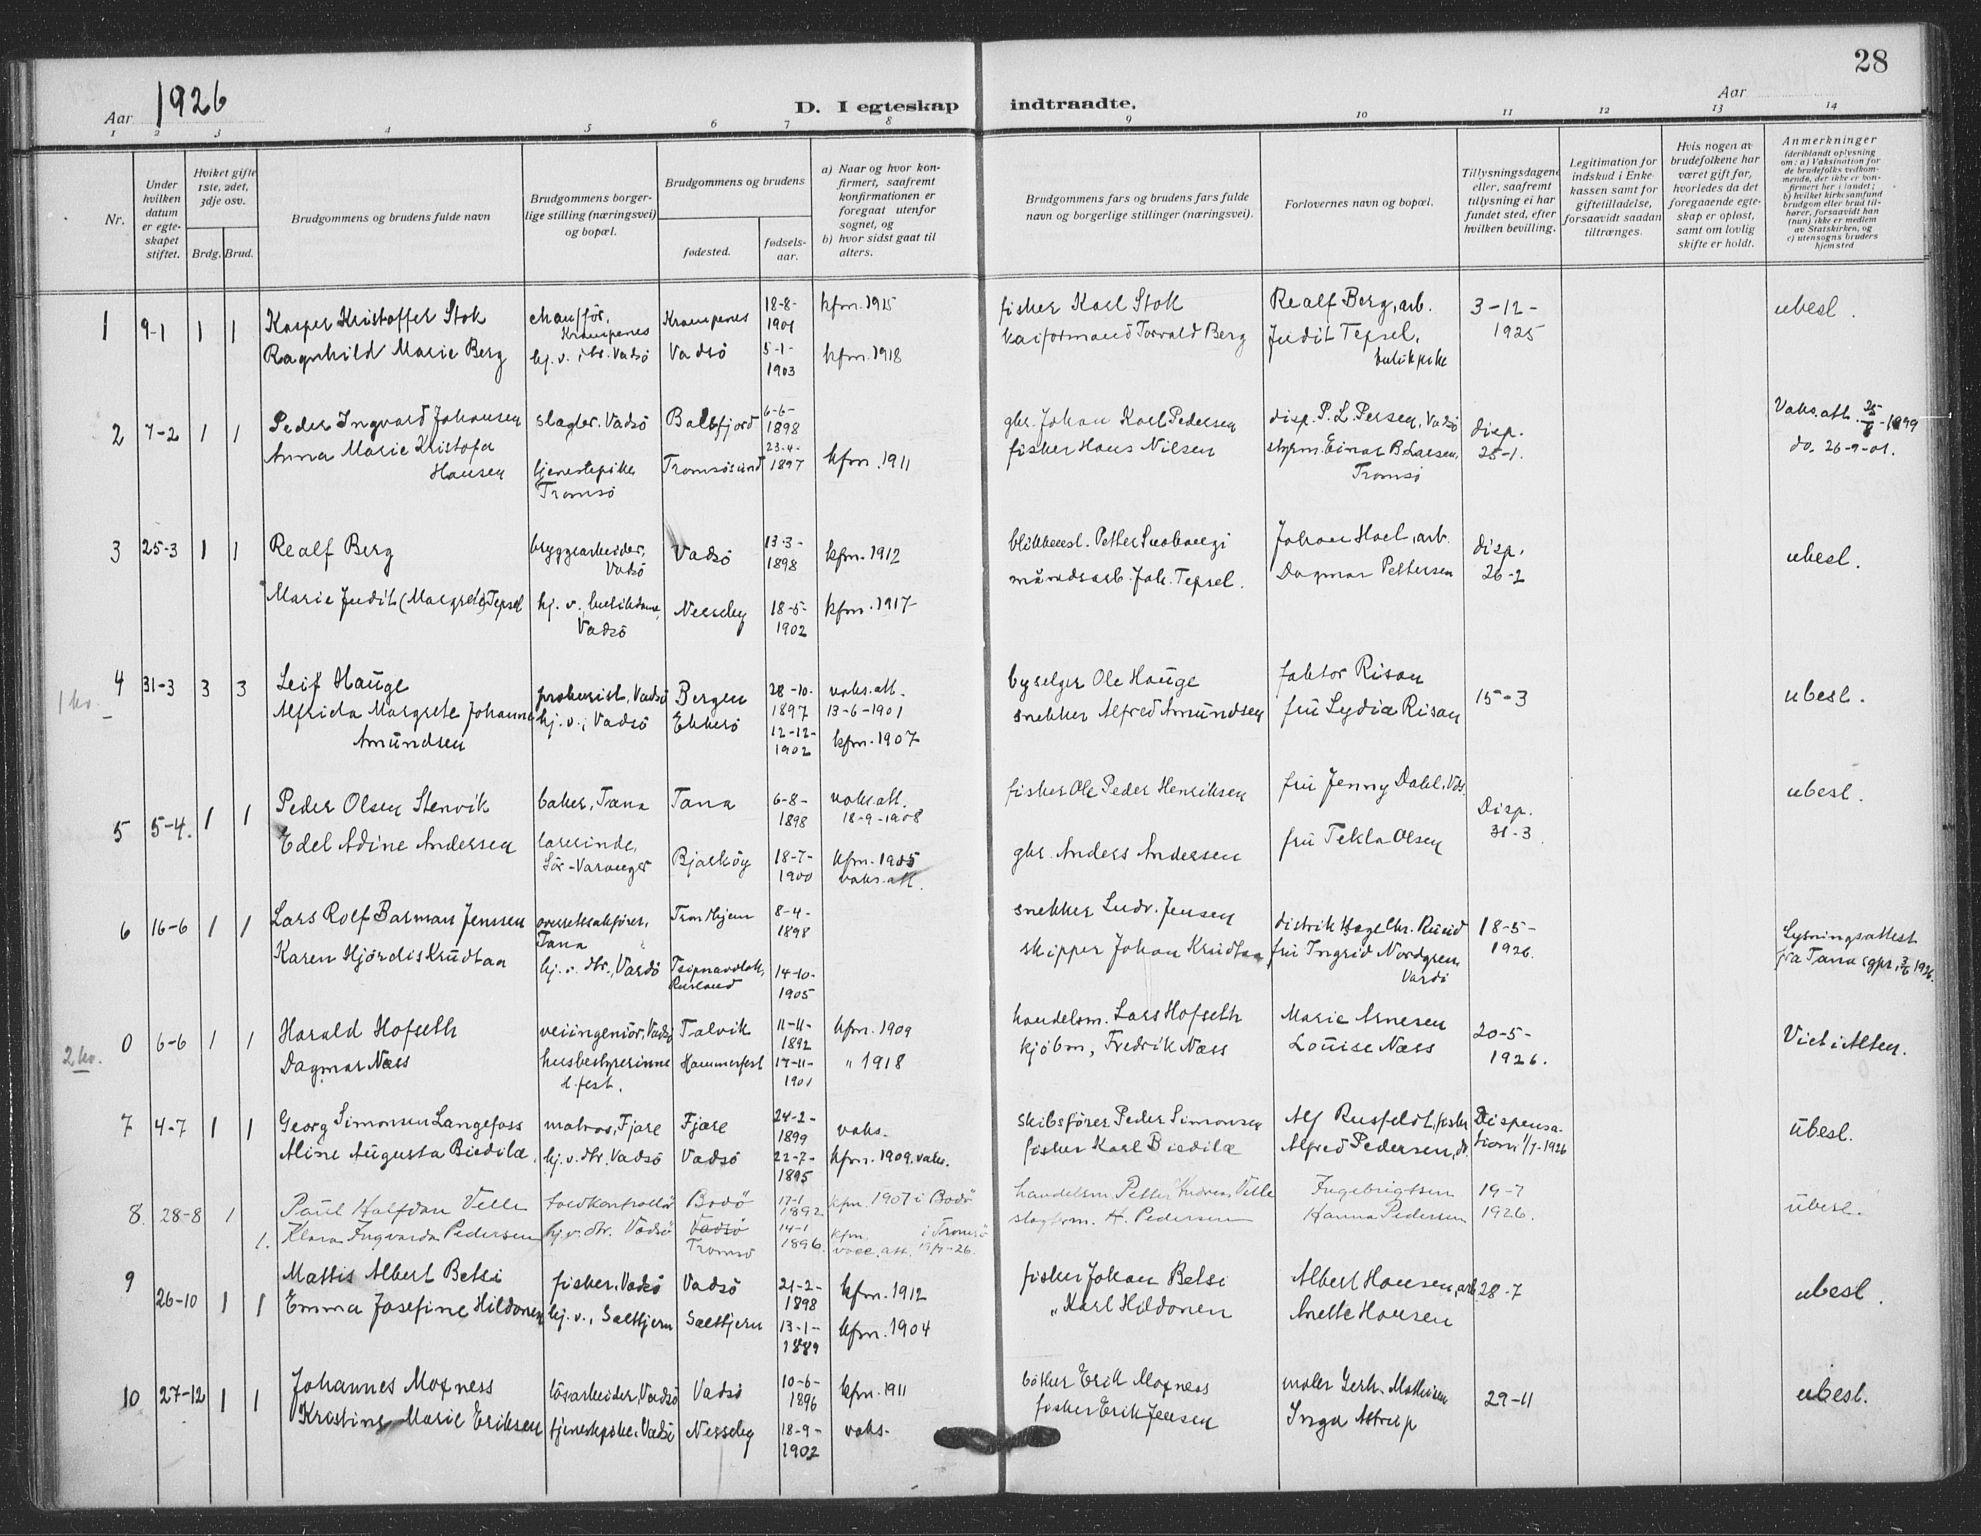 SATØ, Vadsø sokneprestkontor, H/Ha/L0008kirke: Ministerialbok nr. 8, 1912-1930, s. 28